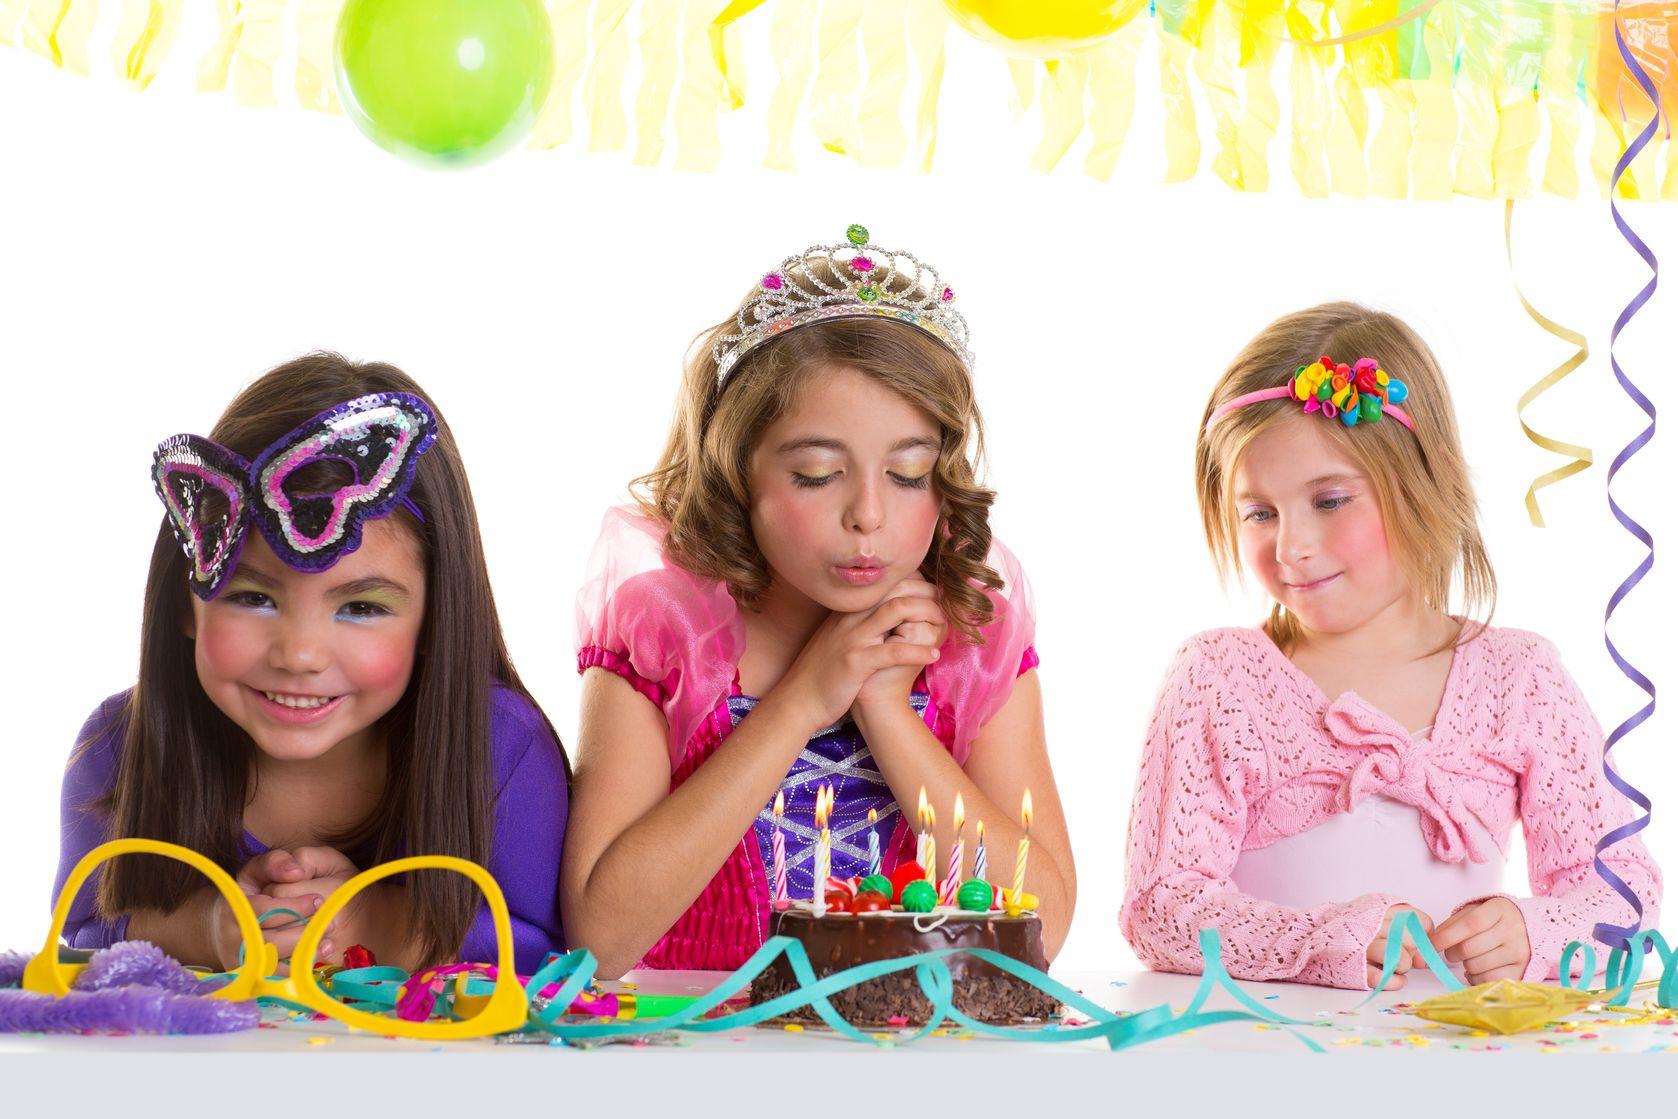 להפיק את מסיבת יום ההולדת המושלמת – כל הטיפים